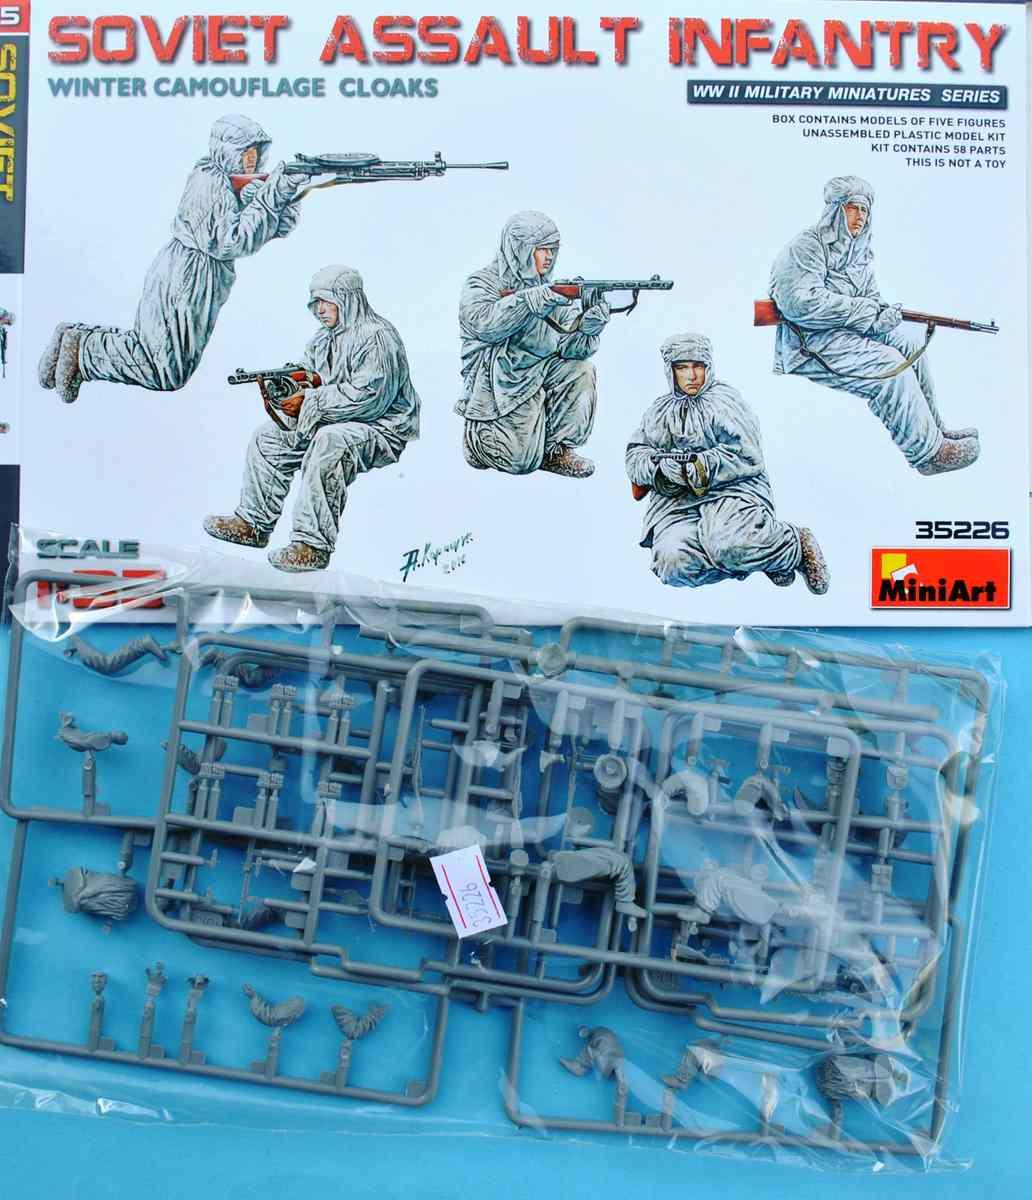 MiniArt-35226-Soviet-Assault-Infantry-Winter-Camouflage-1 Soviet Assault Infantry Winter Camo Cloaks in 1:35 von MiniArt 35226